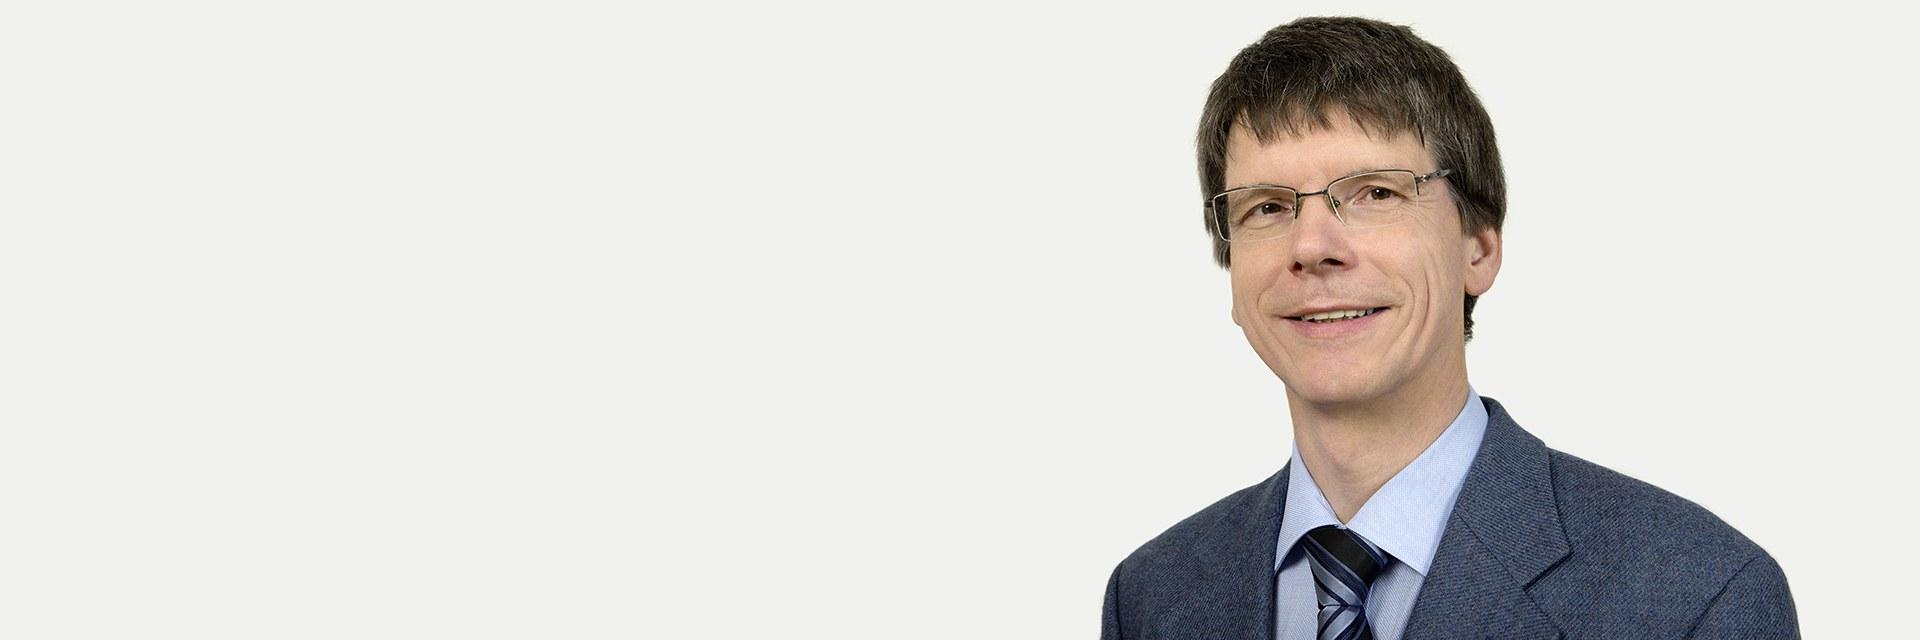 Prof. Dr. rer. nat. Martin Sander